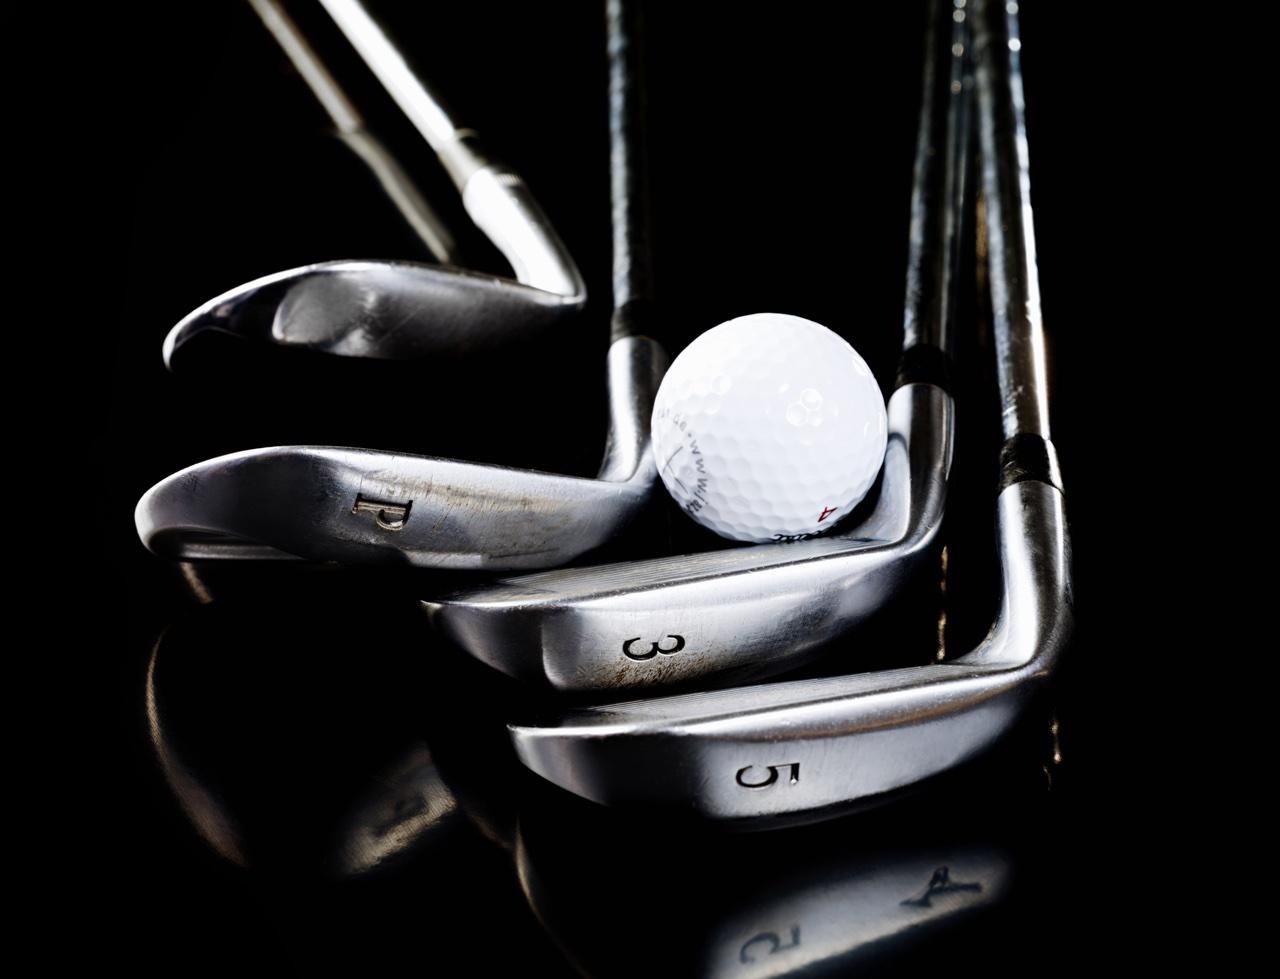 golf clubs and a golf ball